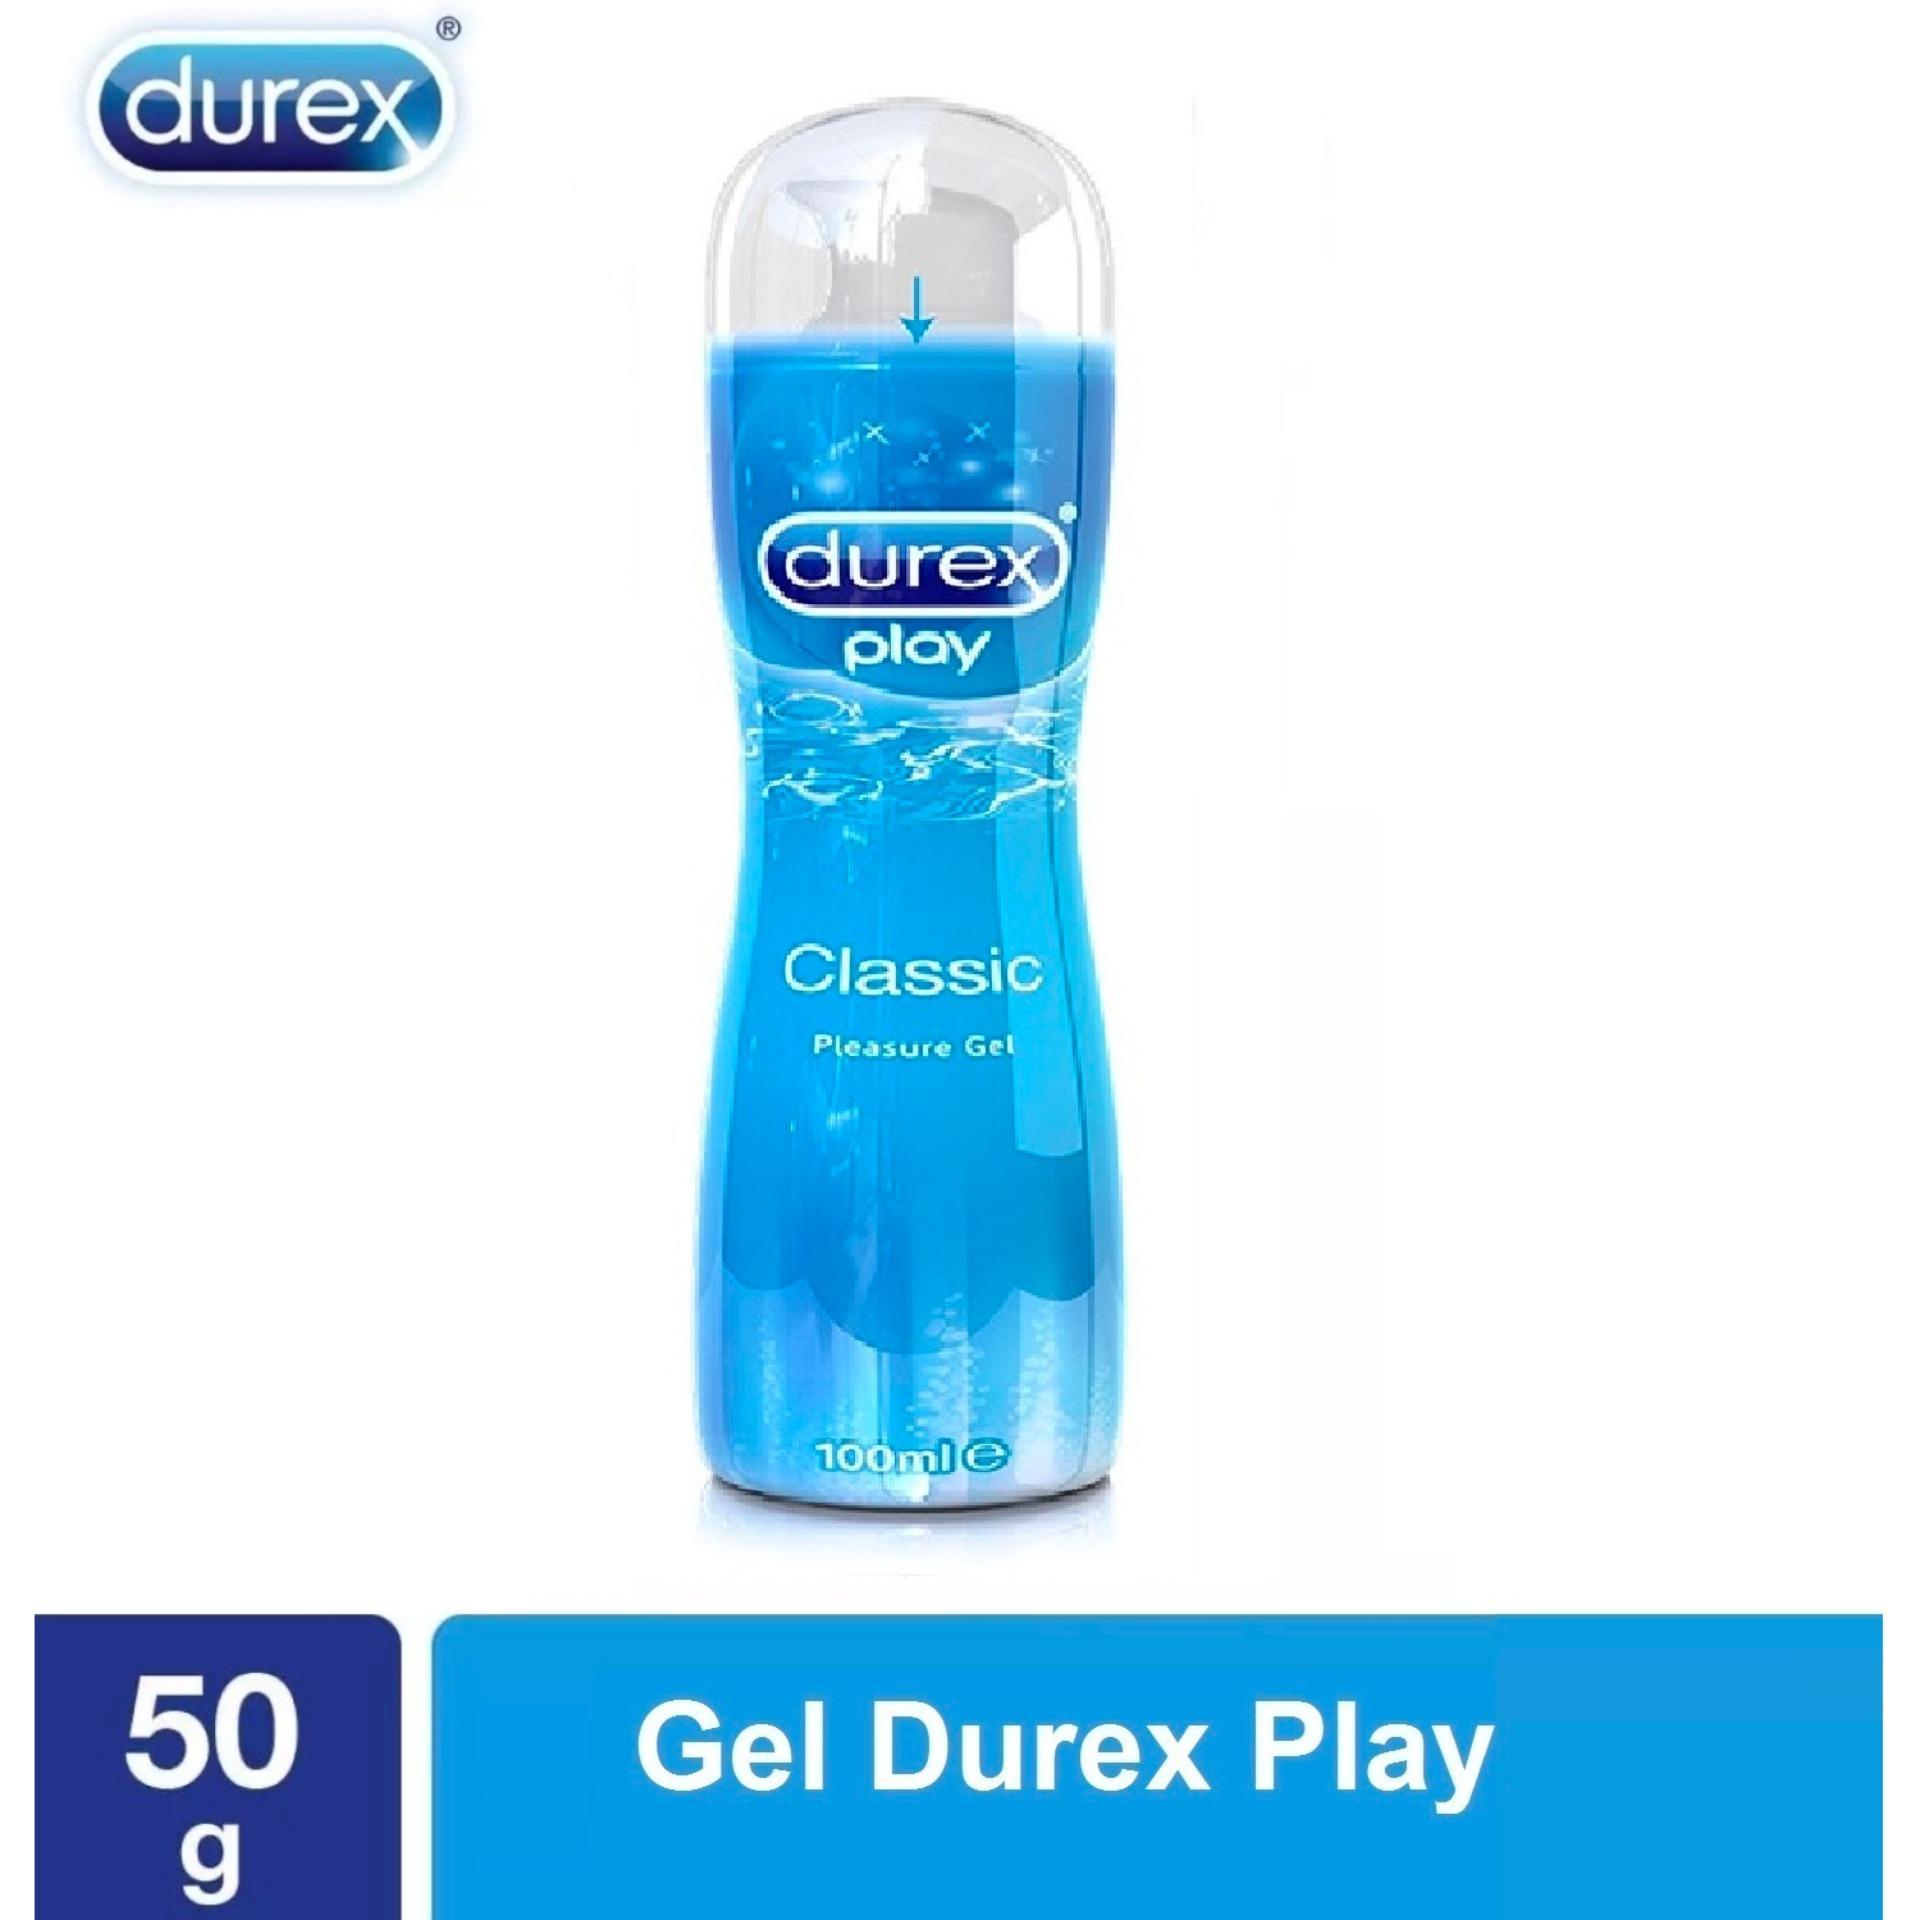 Gel bôi trơn Durex Play hoặc KY 50G [che tên sản phẩm] cao cấp